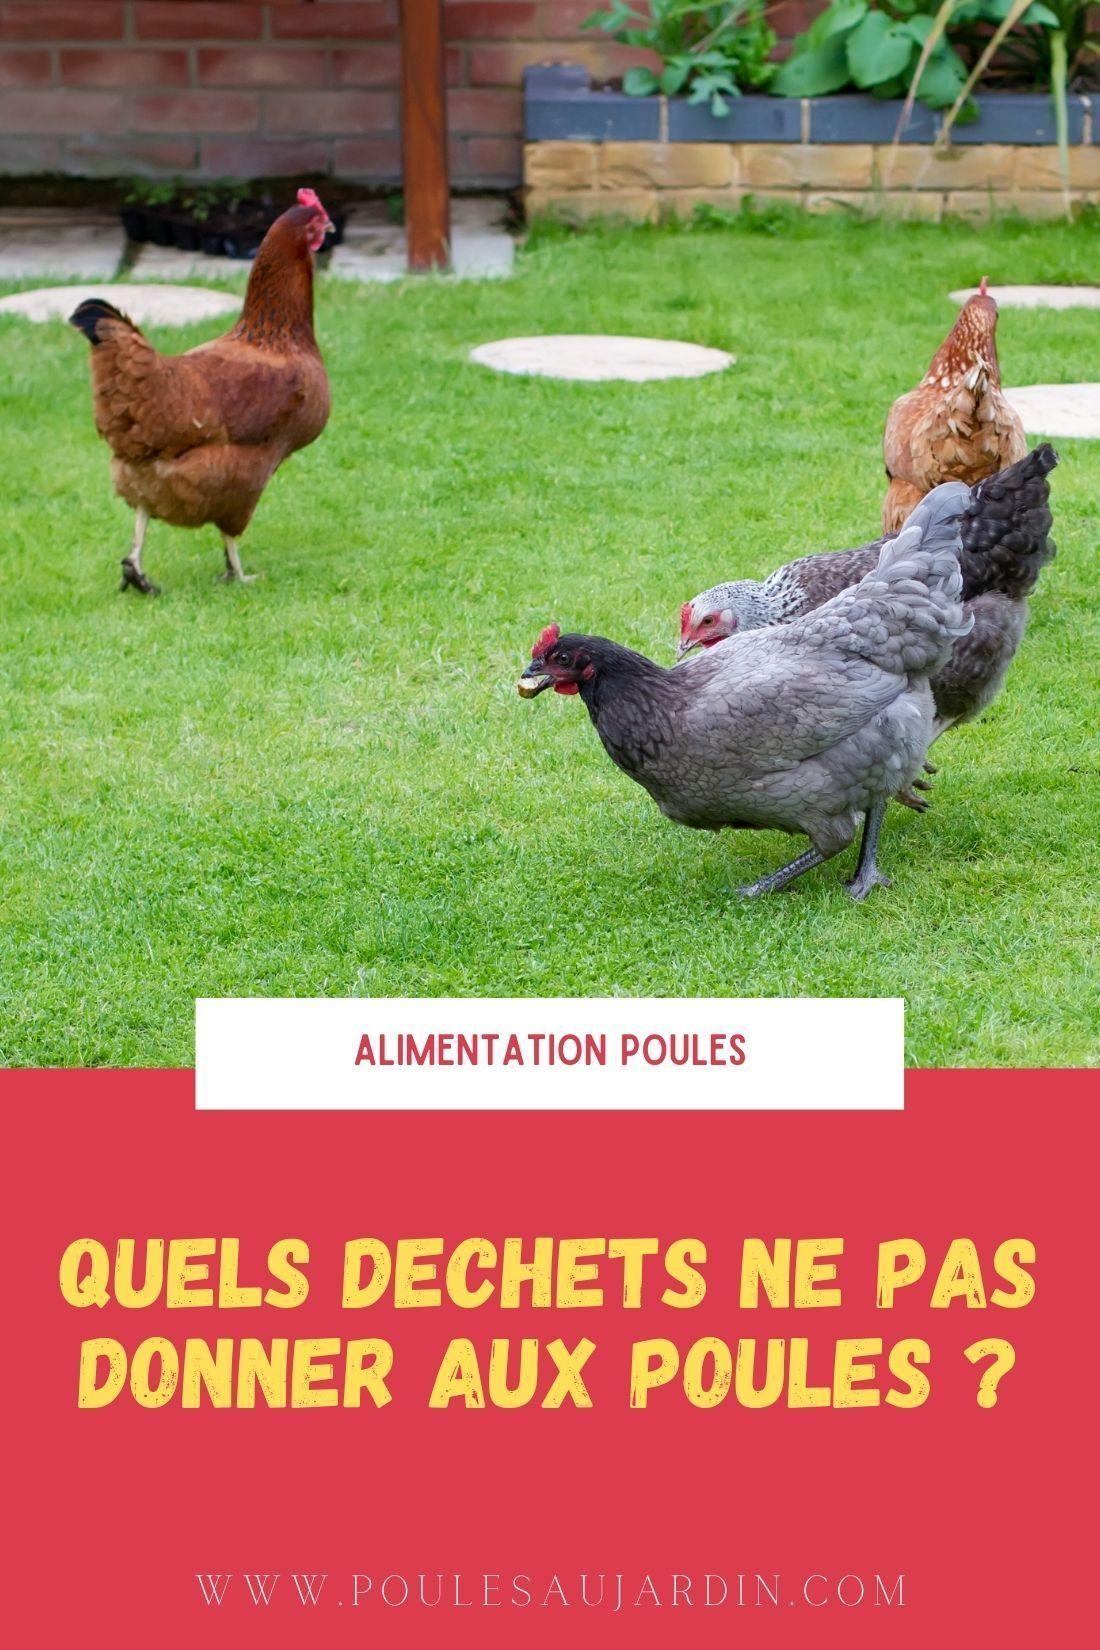 Quels Dechets Ne Pas Donner Aux Poules Poule Alimentation Poule Poule Pondeuse